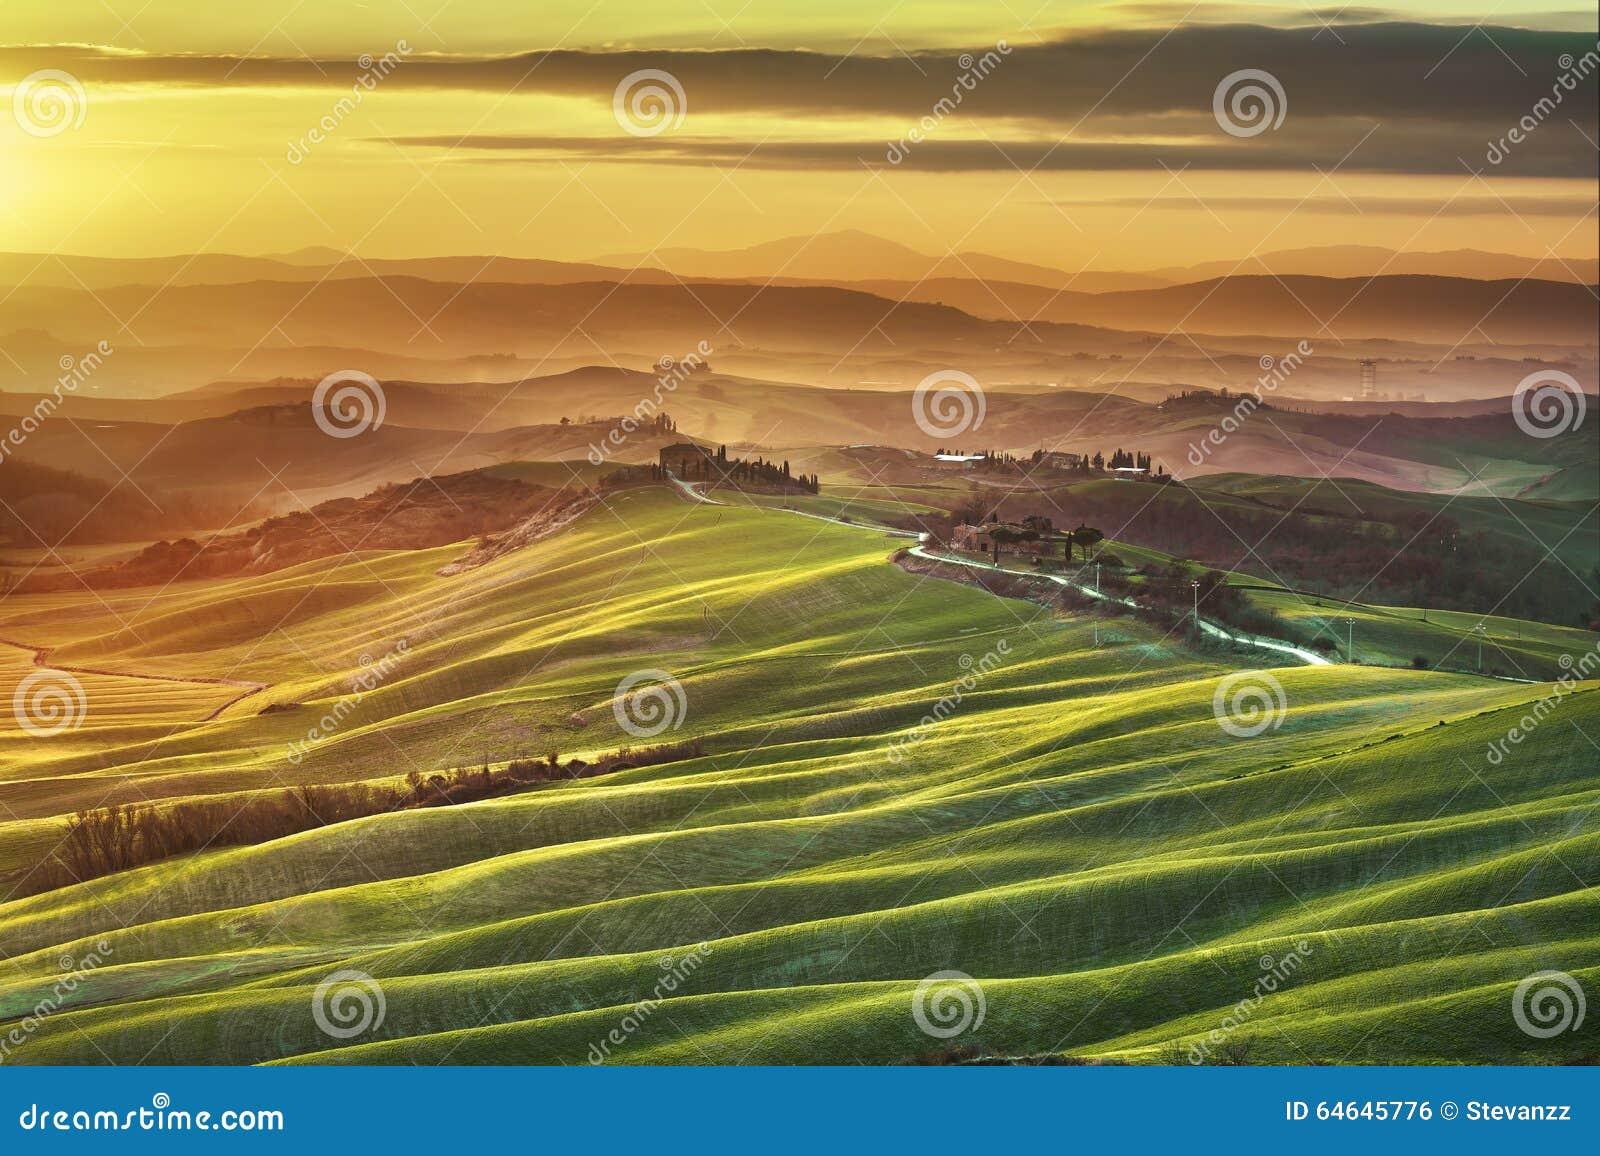 Tuscany spring, rolling hills on misty sunset. Rural landscape.